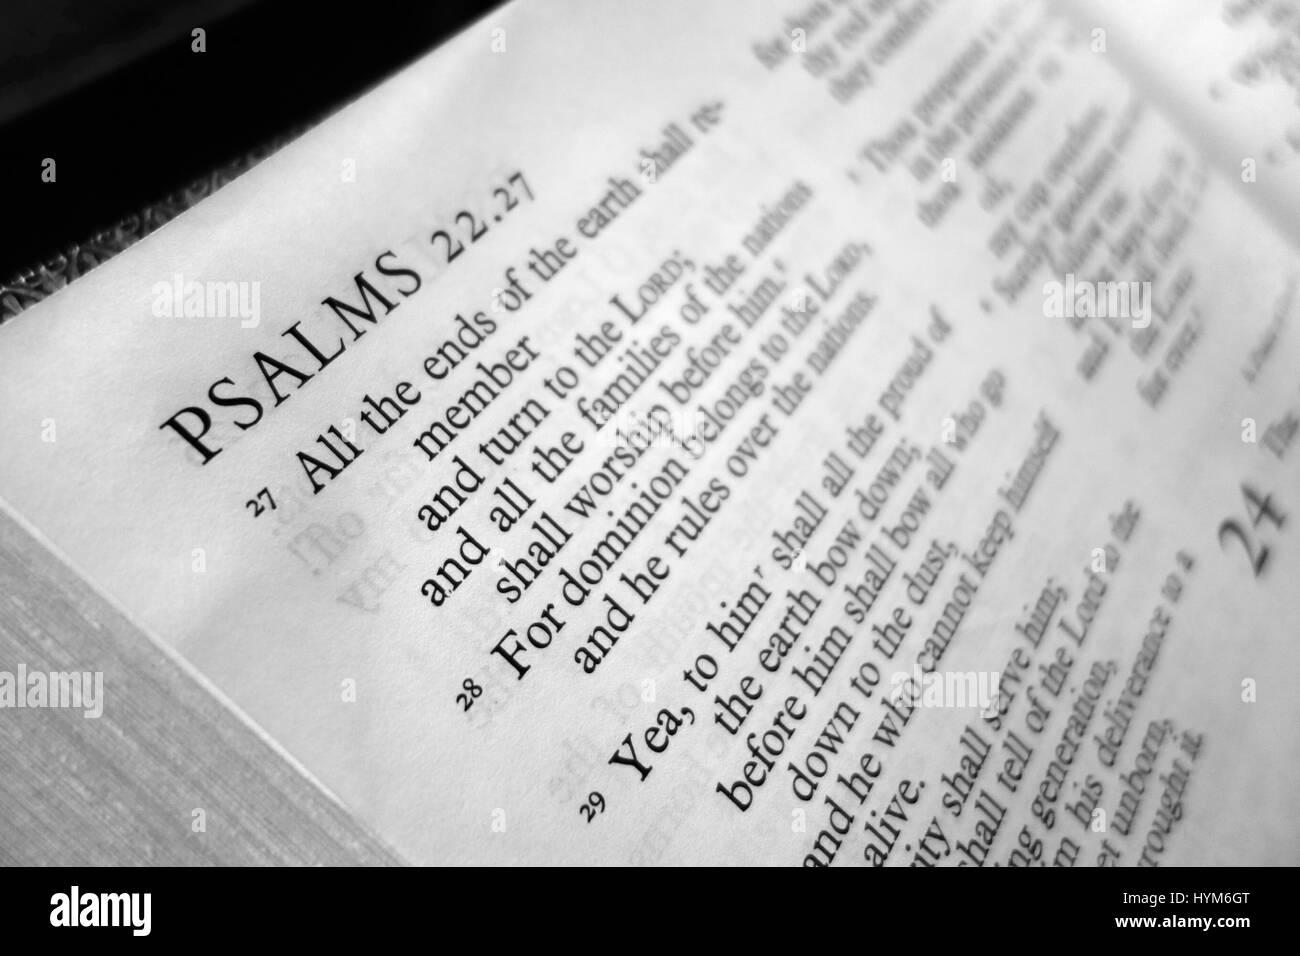 Bible Psalms Stock Photos & Bible Psalms Stock Images - Alamy